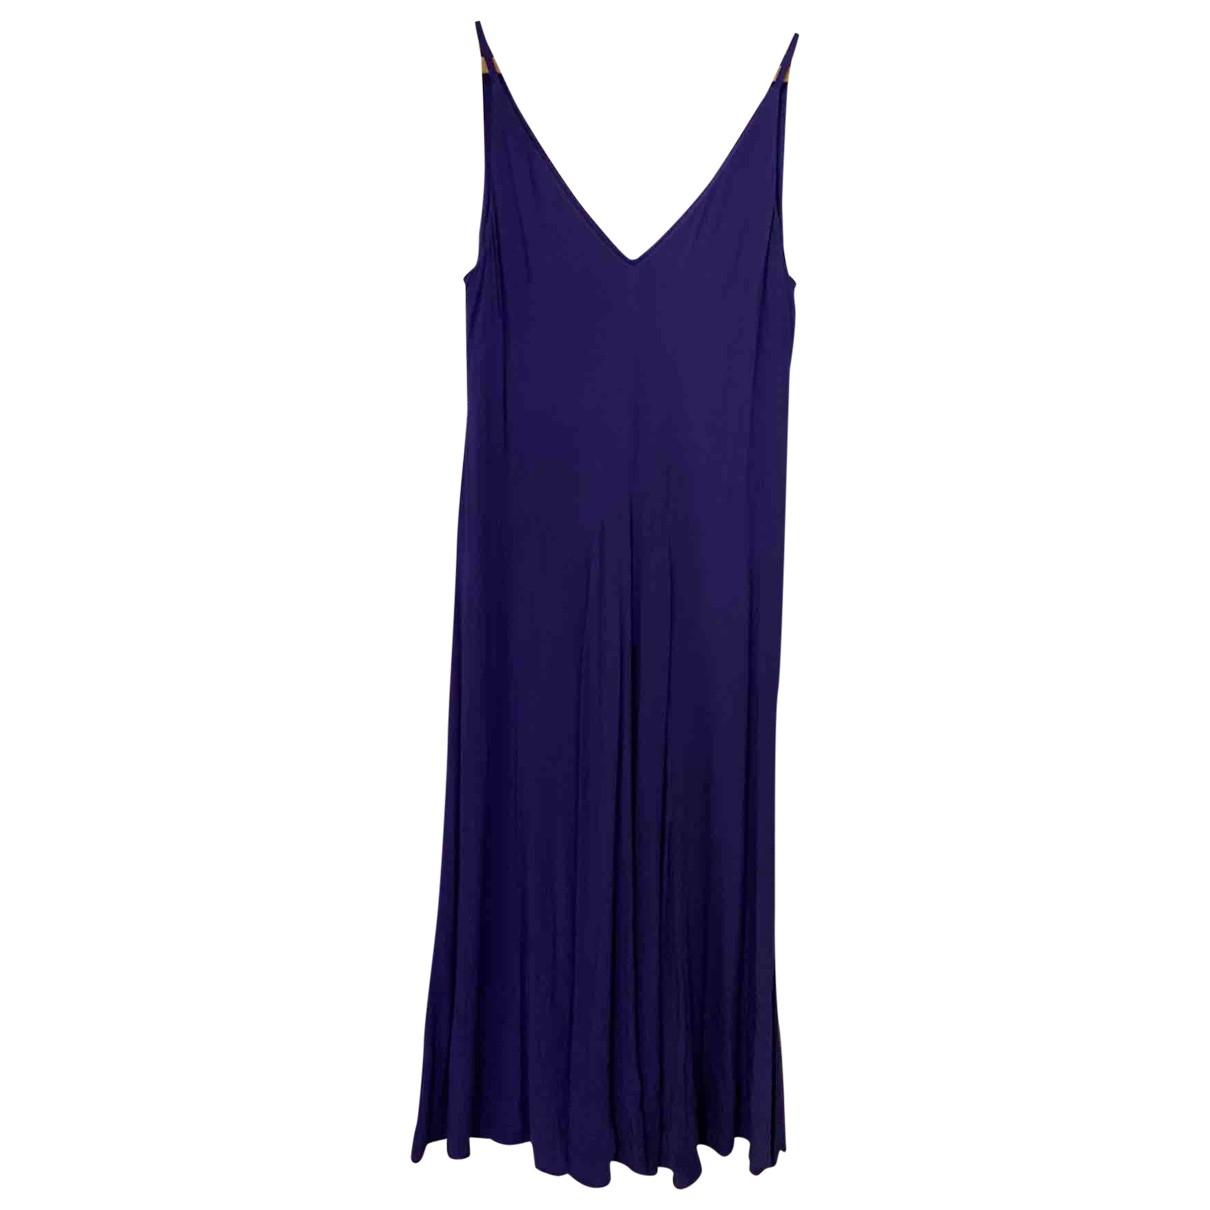 & Other Stories \N Kleid in  Blau Baumwolle